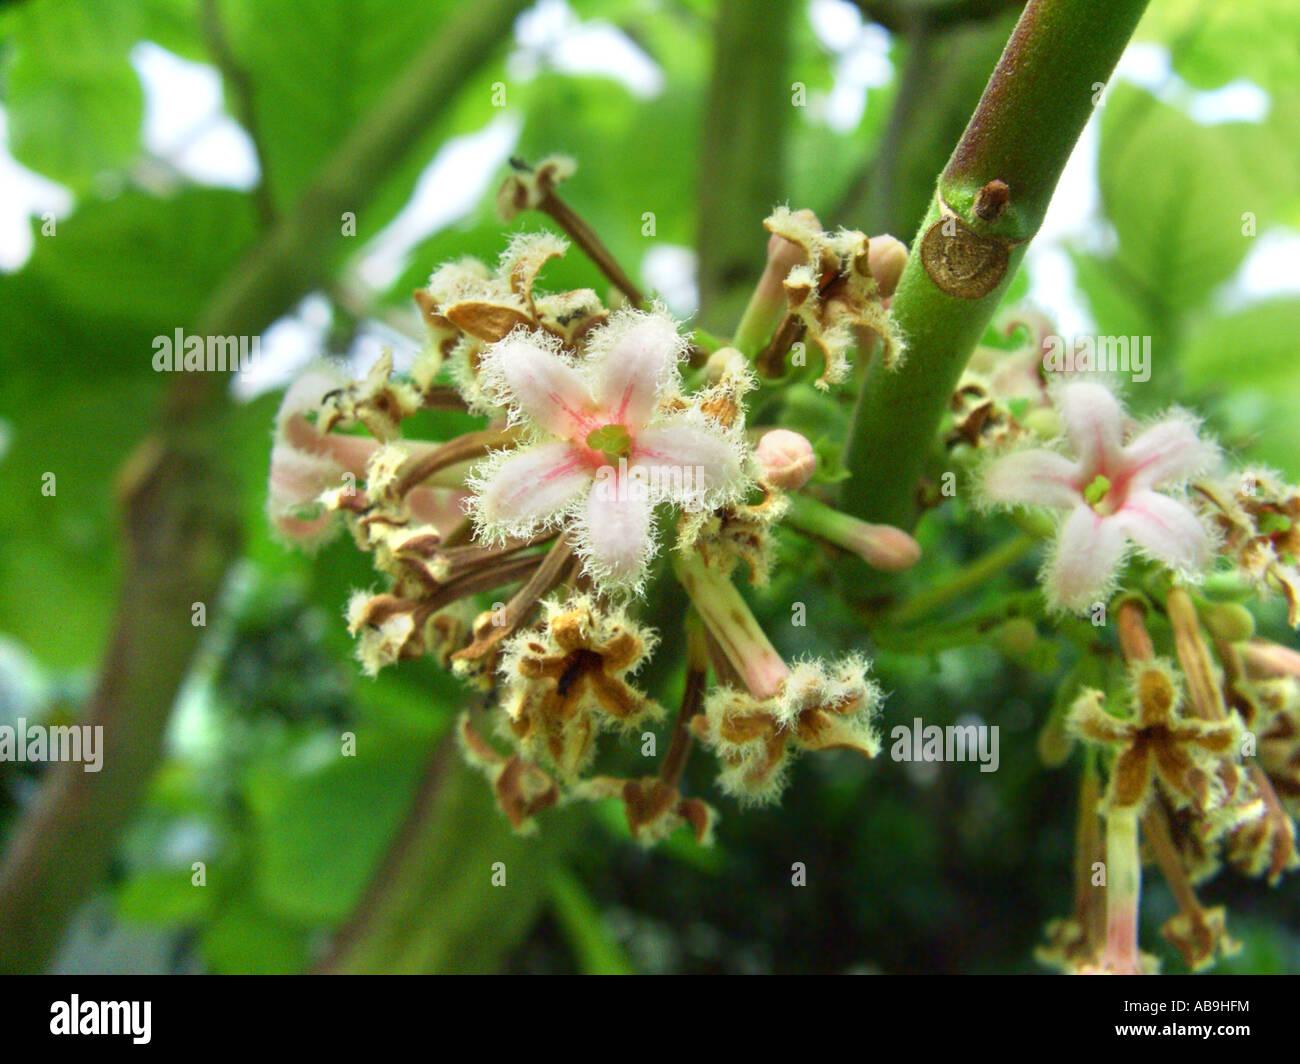 Corteccia peruviana, chinina, chinina corteccia giallo, chinina, giallo chinina Corteccia di China officinalis infiorescenza, Immagini Stock